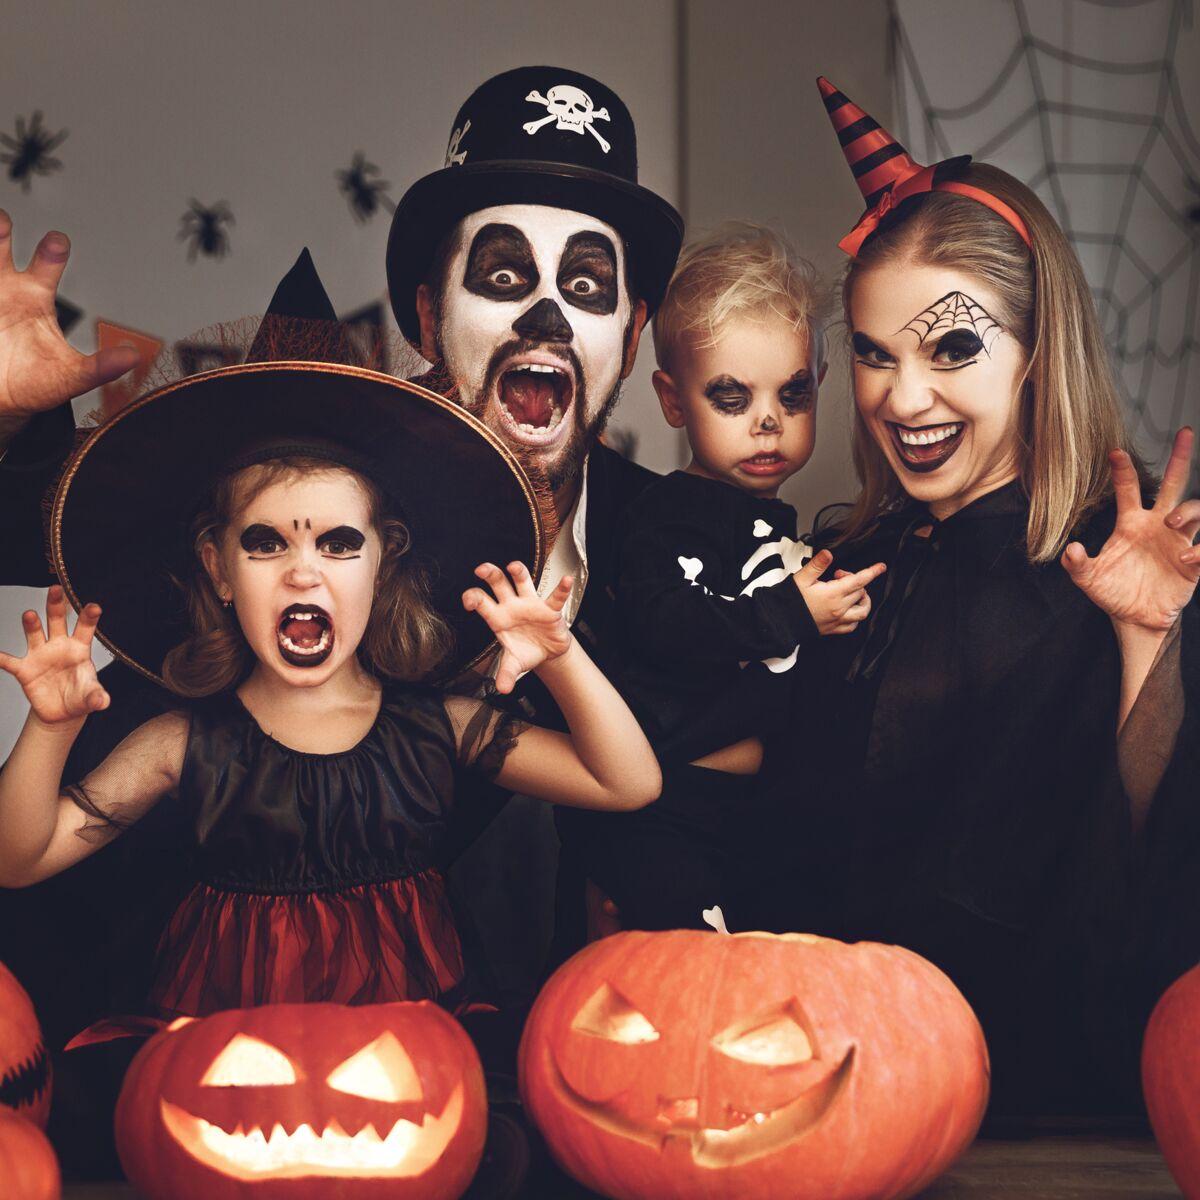 Deguisement Adulte Halloween A Faire Soi Meme.Halloween 10 Deguisements Pour Enfants A Faire Soi Meme Femme Actuelle Le Mag